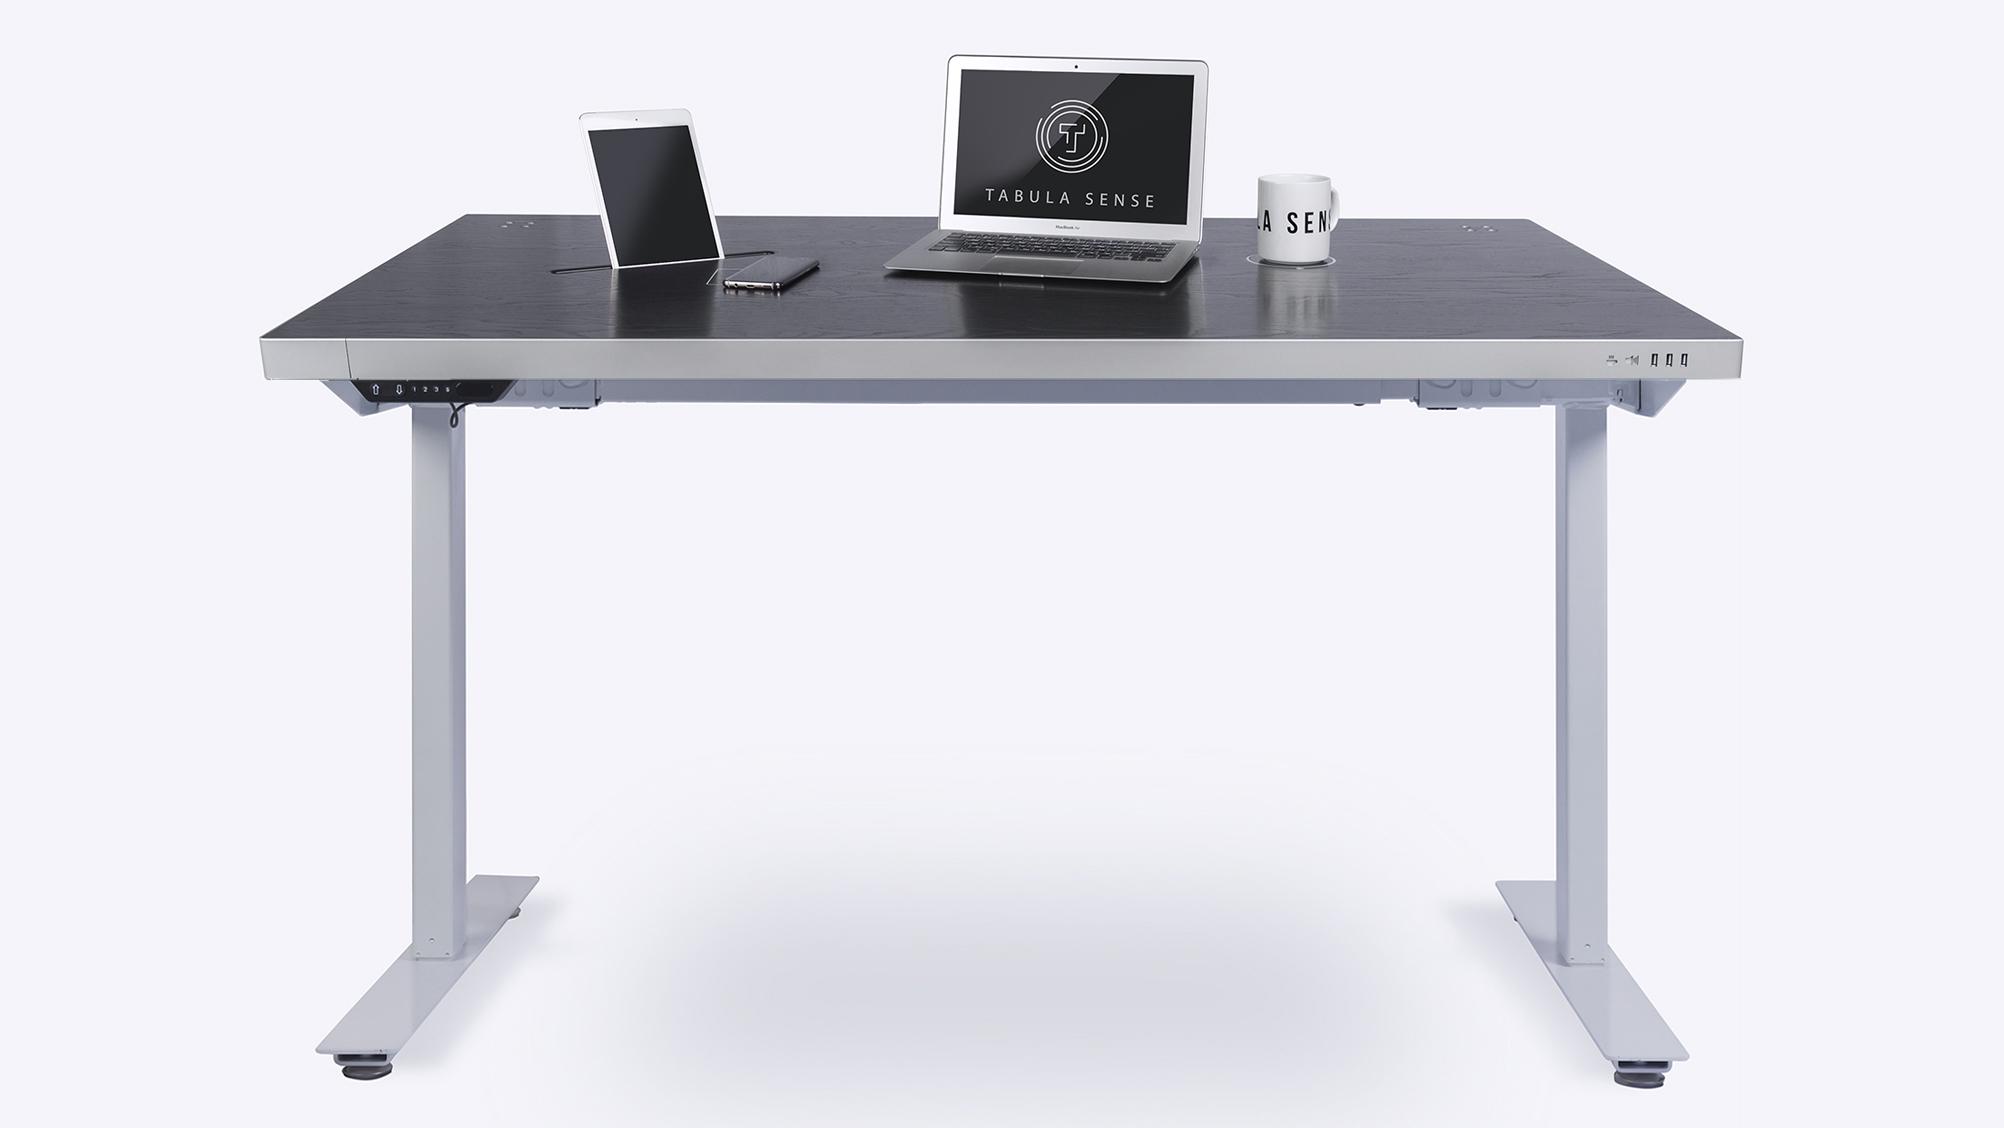 Стол стандартный Tabula Sense Smart Desk Mech черный/белый